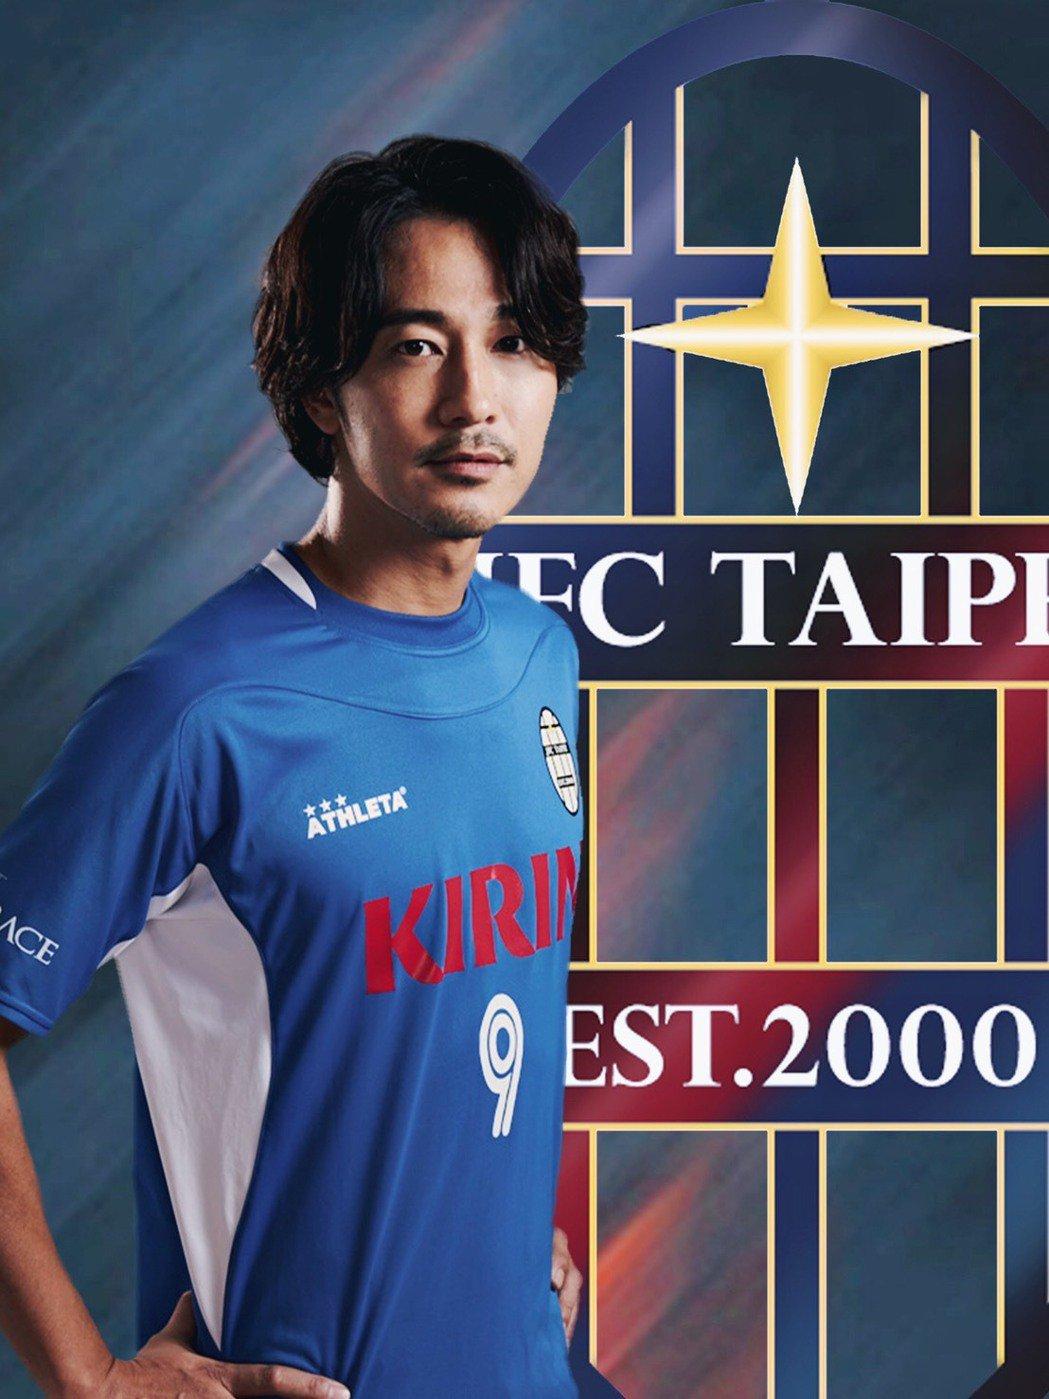 鈴木有樹是專業足球迷。圖/凱渥提供